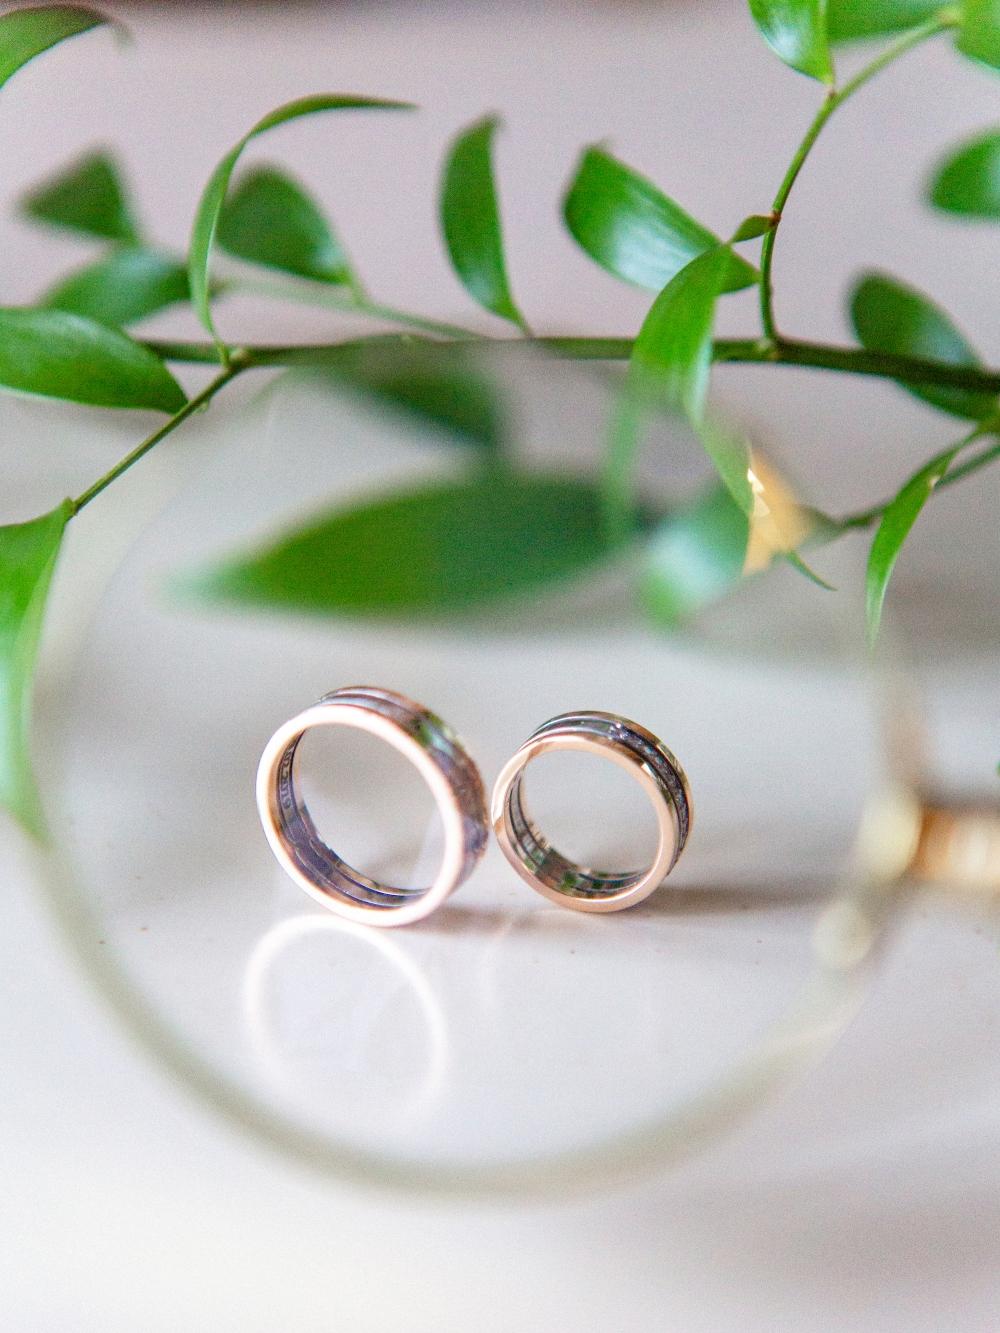 вымывает черную картинки свадебные кольца на компьютер руси ветки